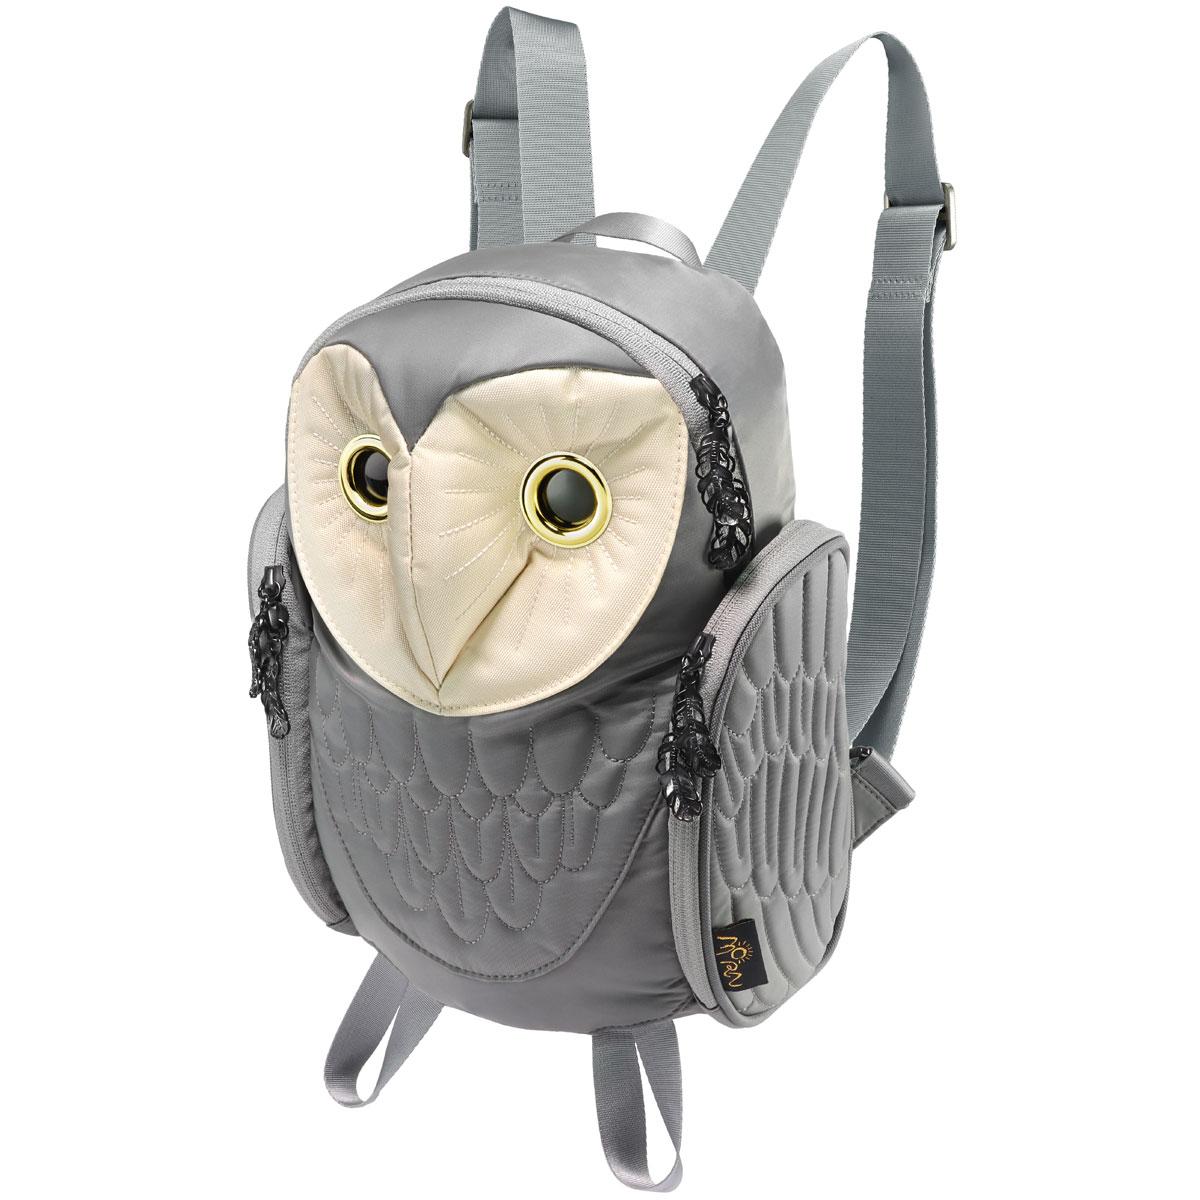 リュック MORN CREATIONS メンフクロウ バックパック レディース 動物バッグ 取り出しやすい背面ポケット付き! モーンクリエイションズ フクロウ グレー